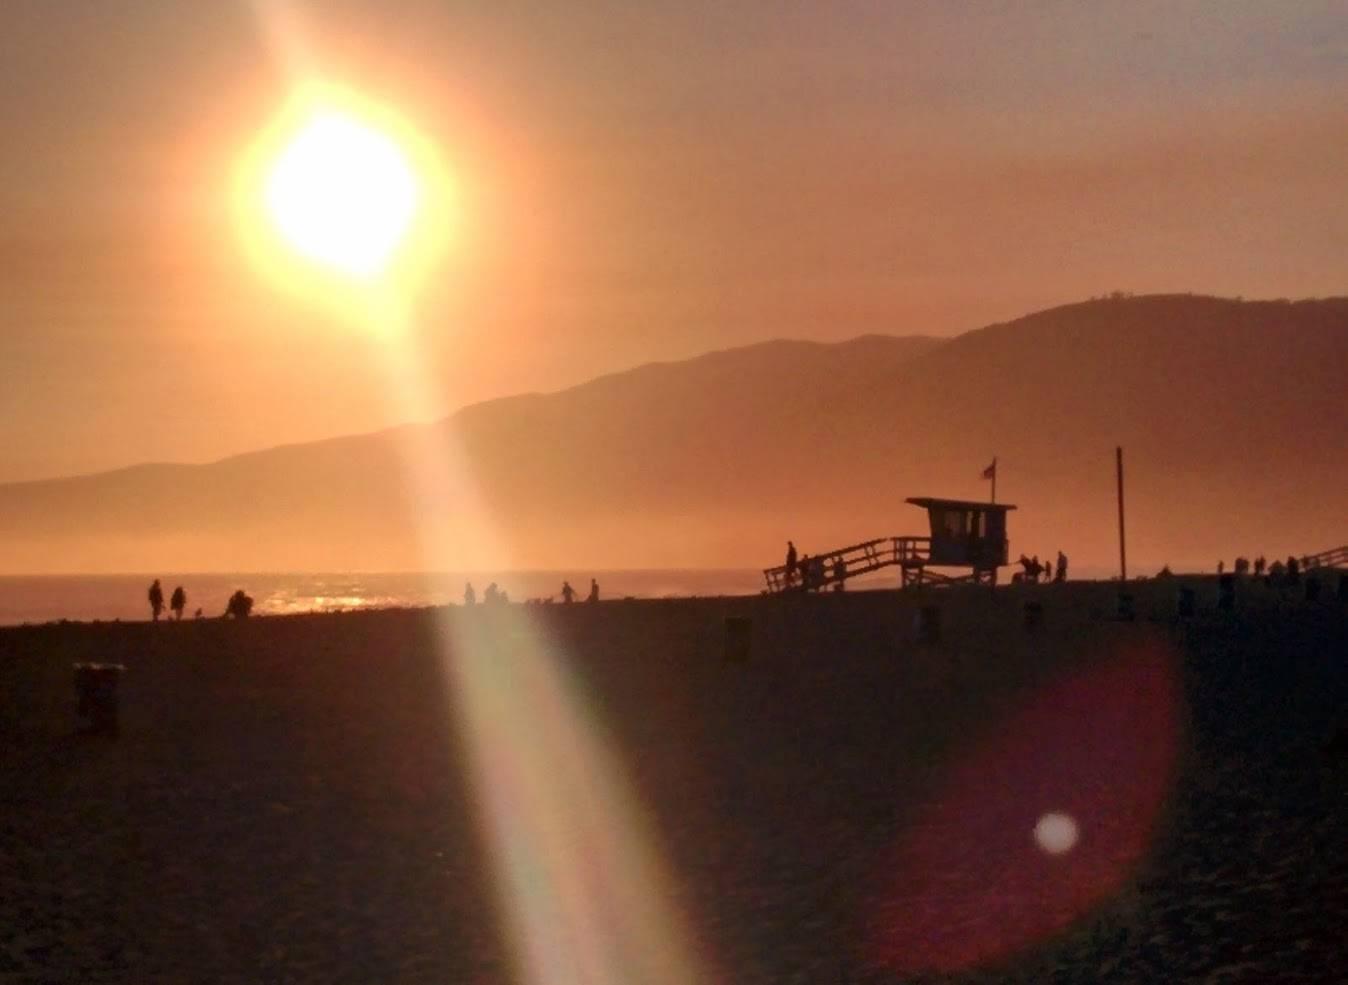 Photo 1: Alerte à Malibu !